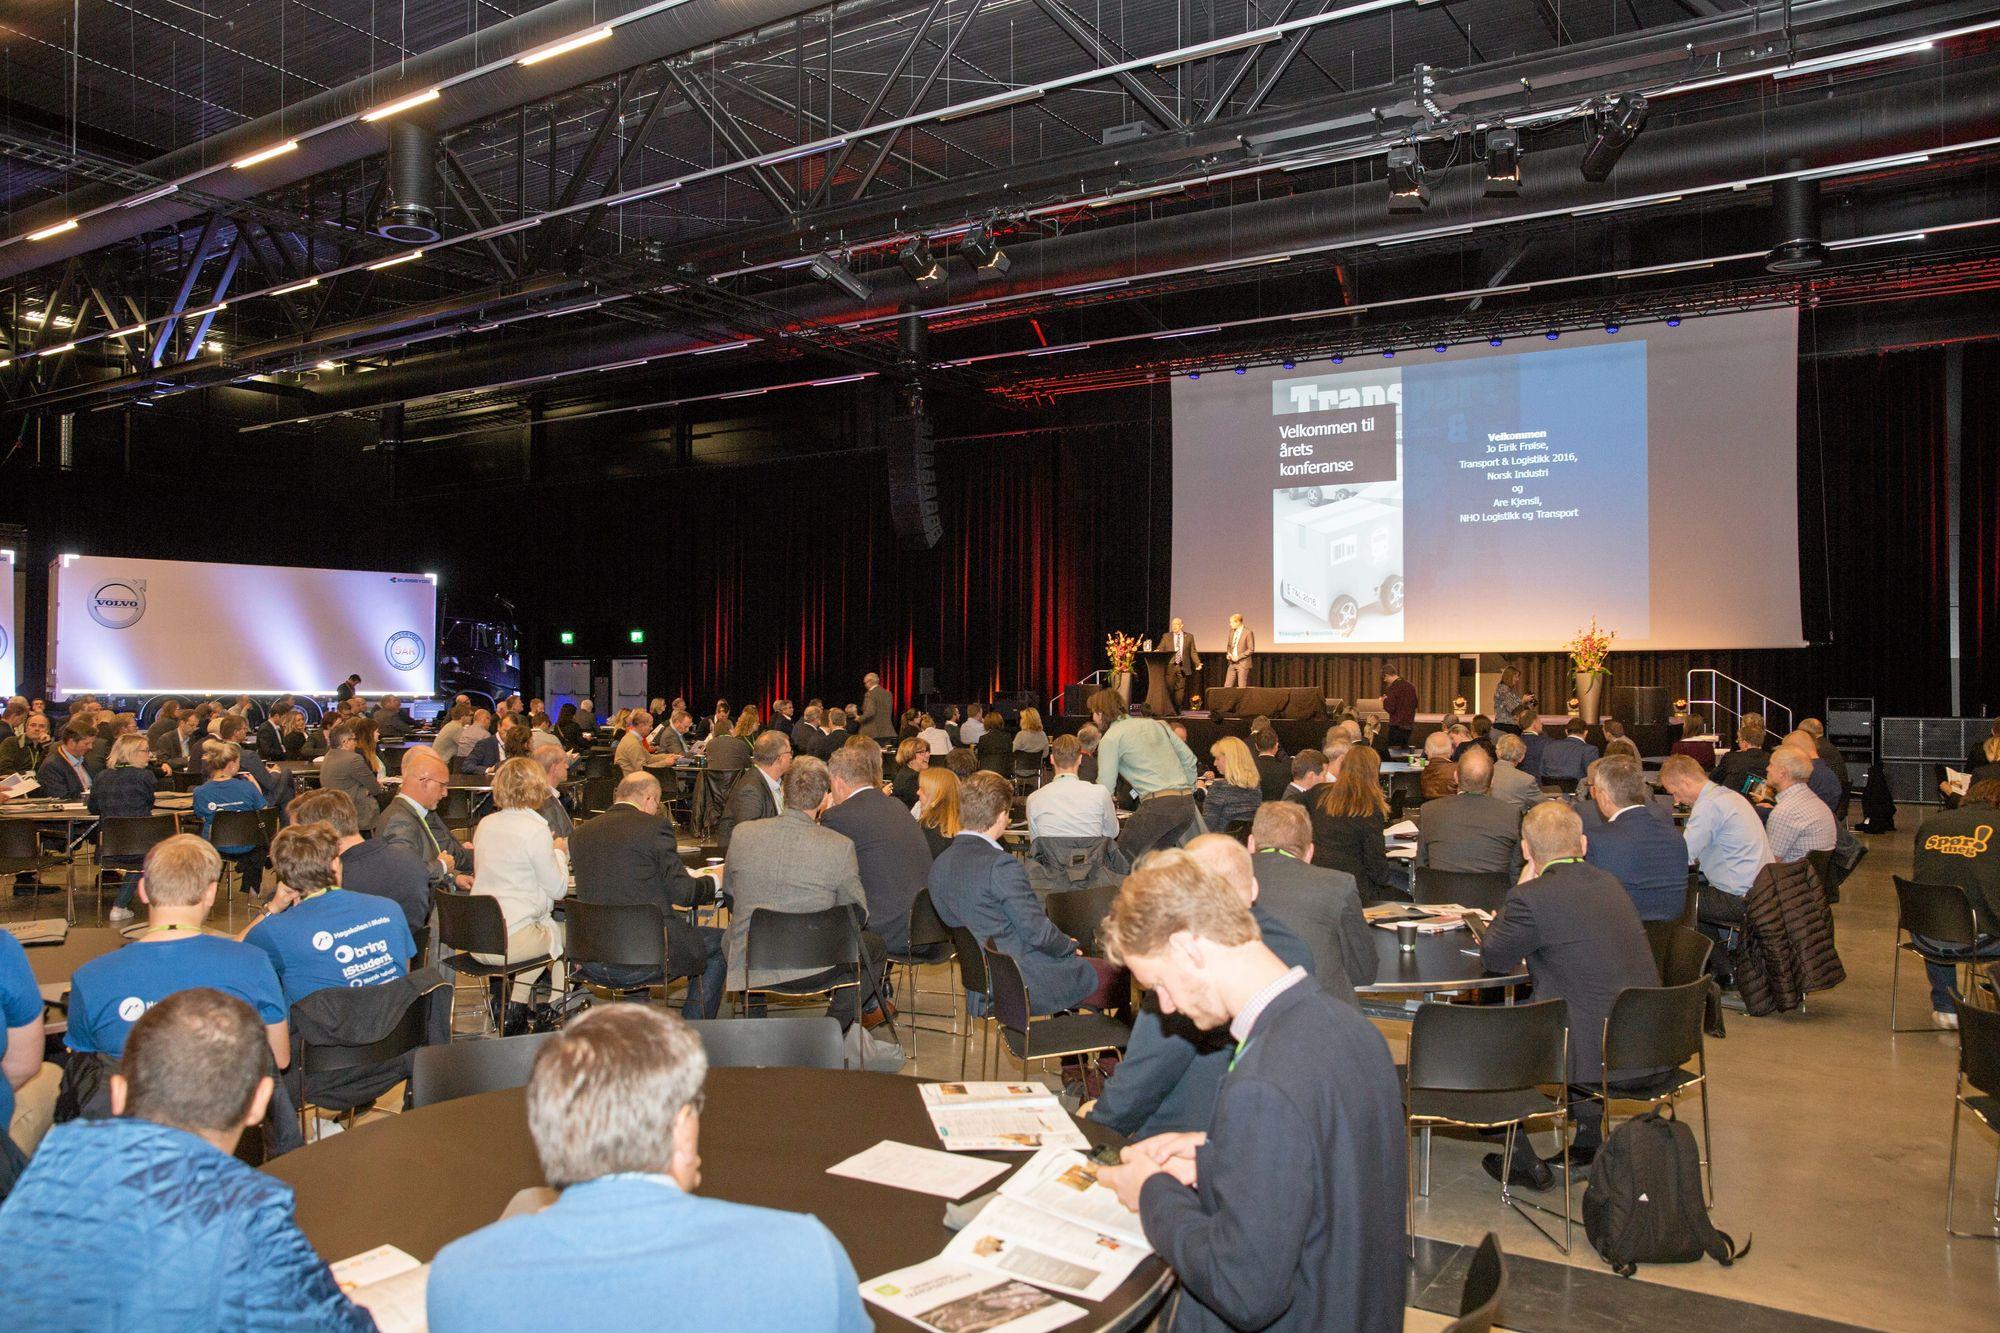 Over 700 deltakere er på plass i The Cube på Gardermoen.